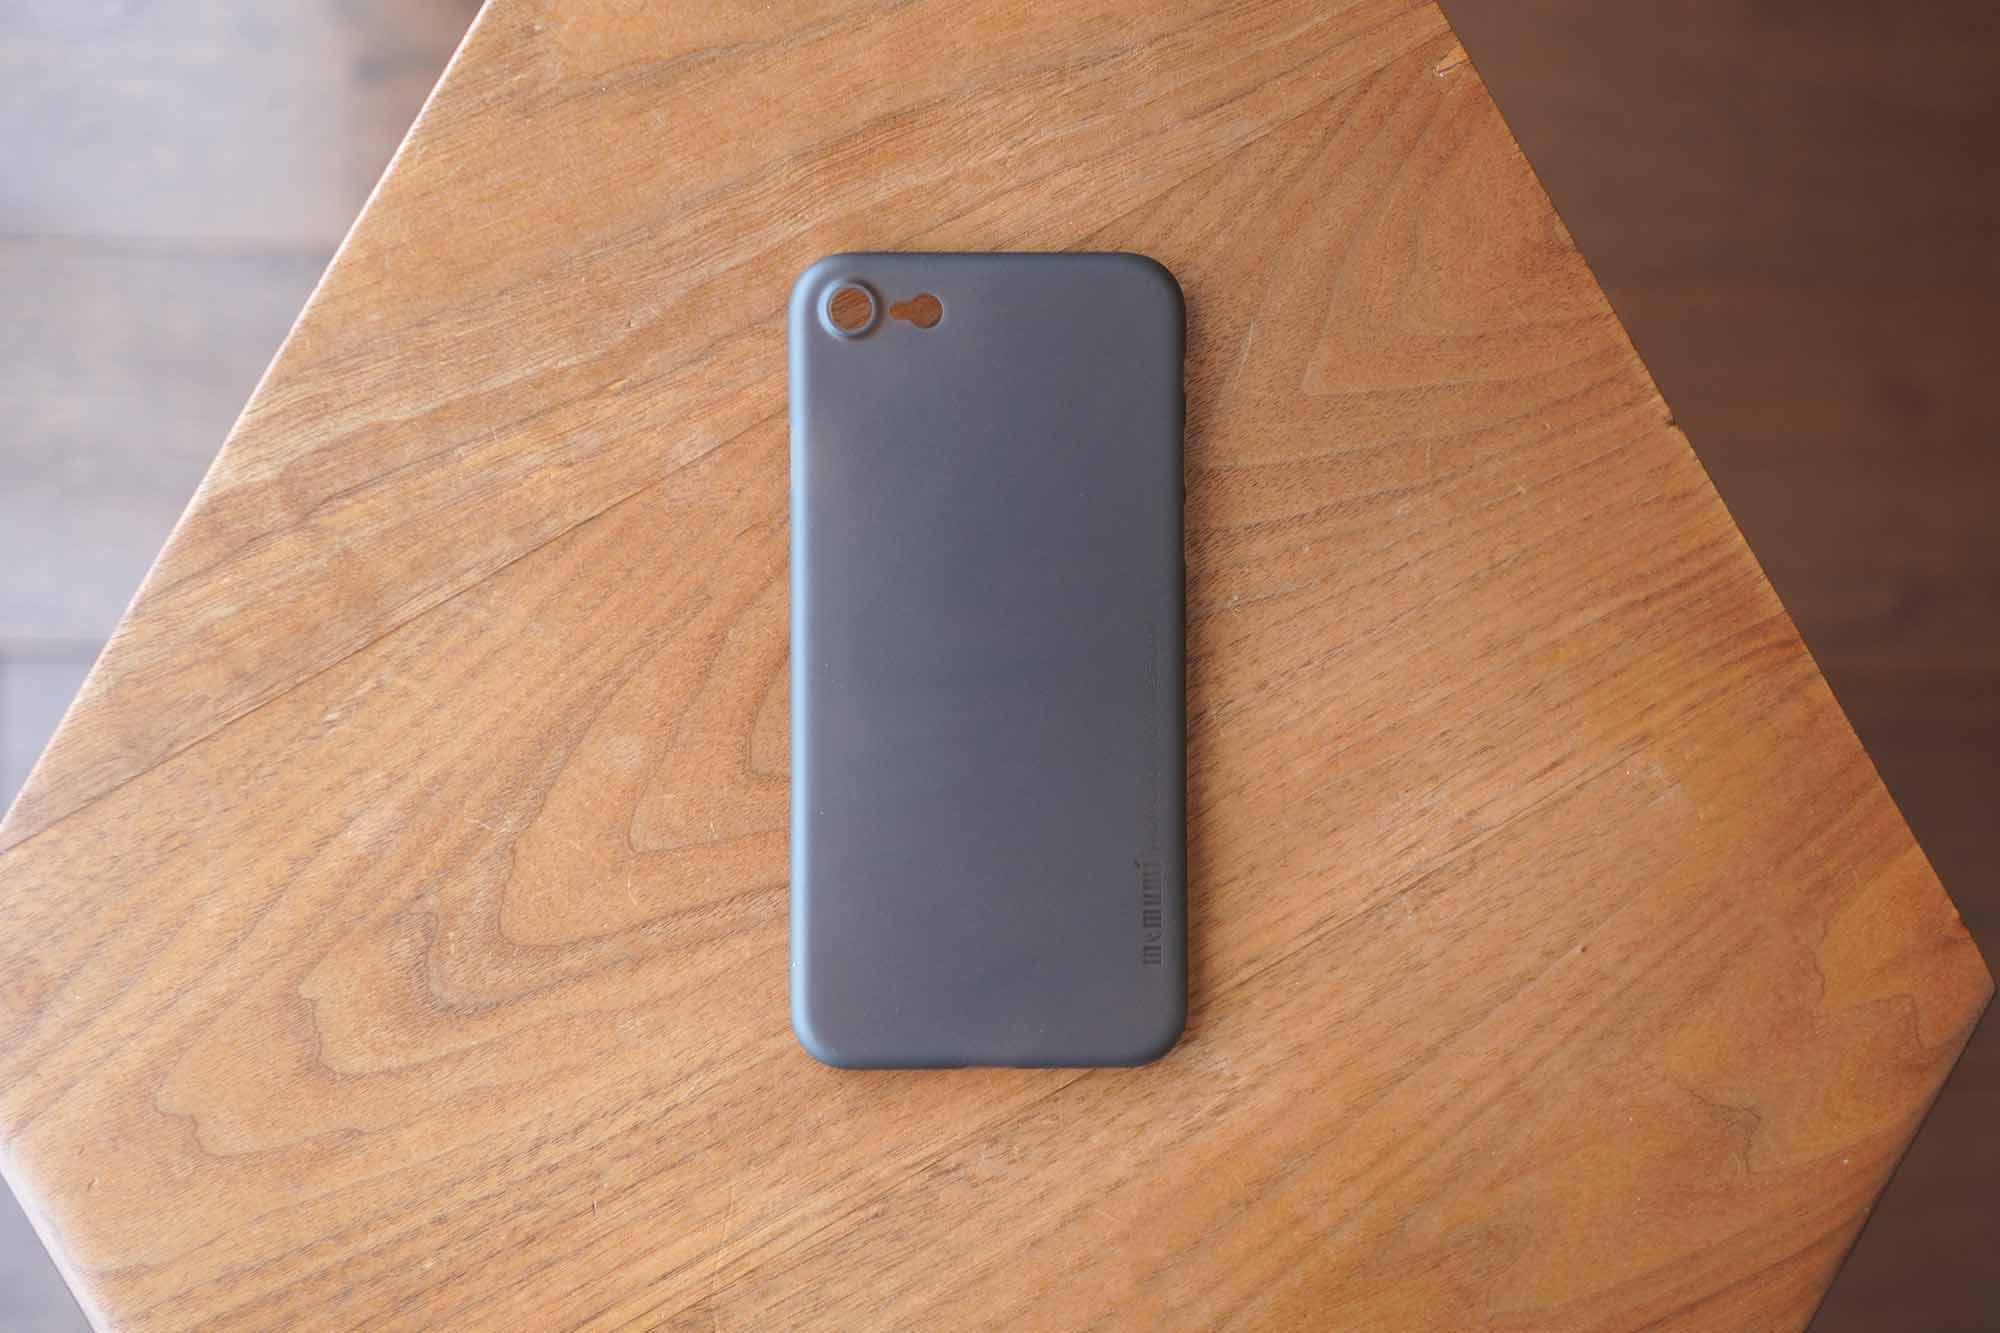 iPhone SE,iPhone 8,iPhone7,ケース,最薄型,最軽量,memumi,カバー